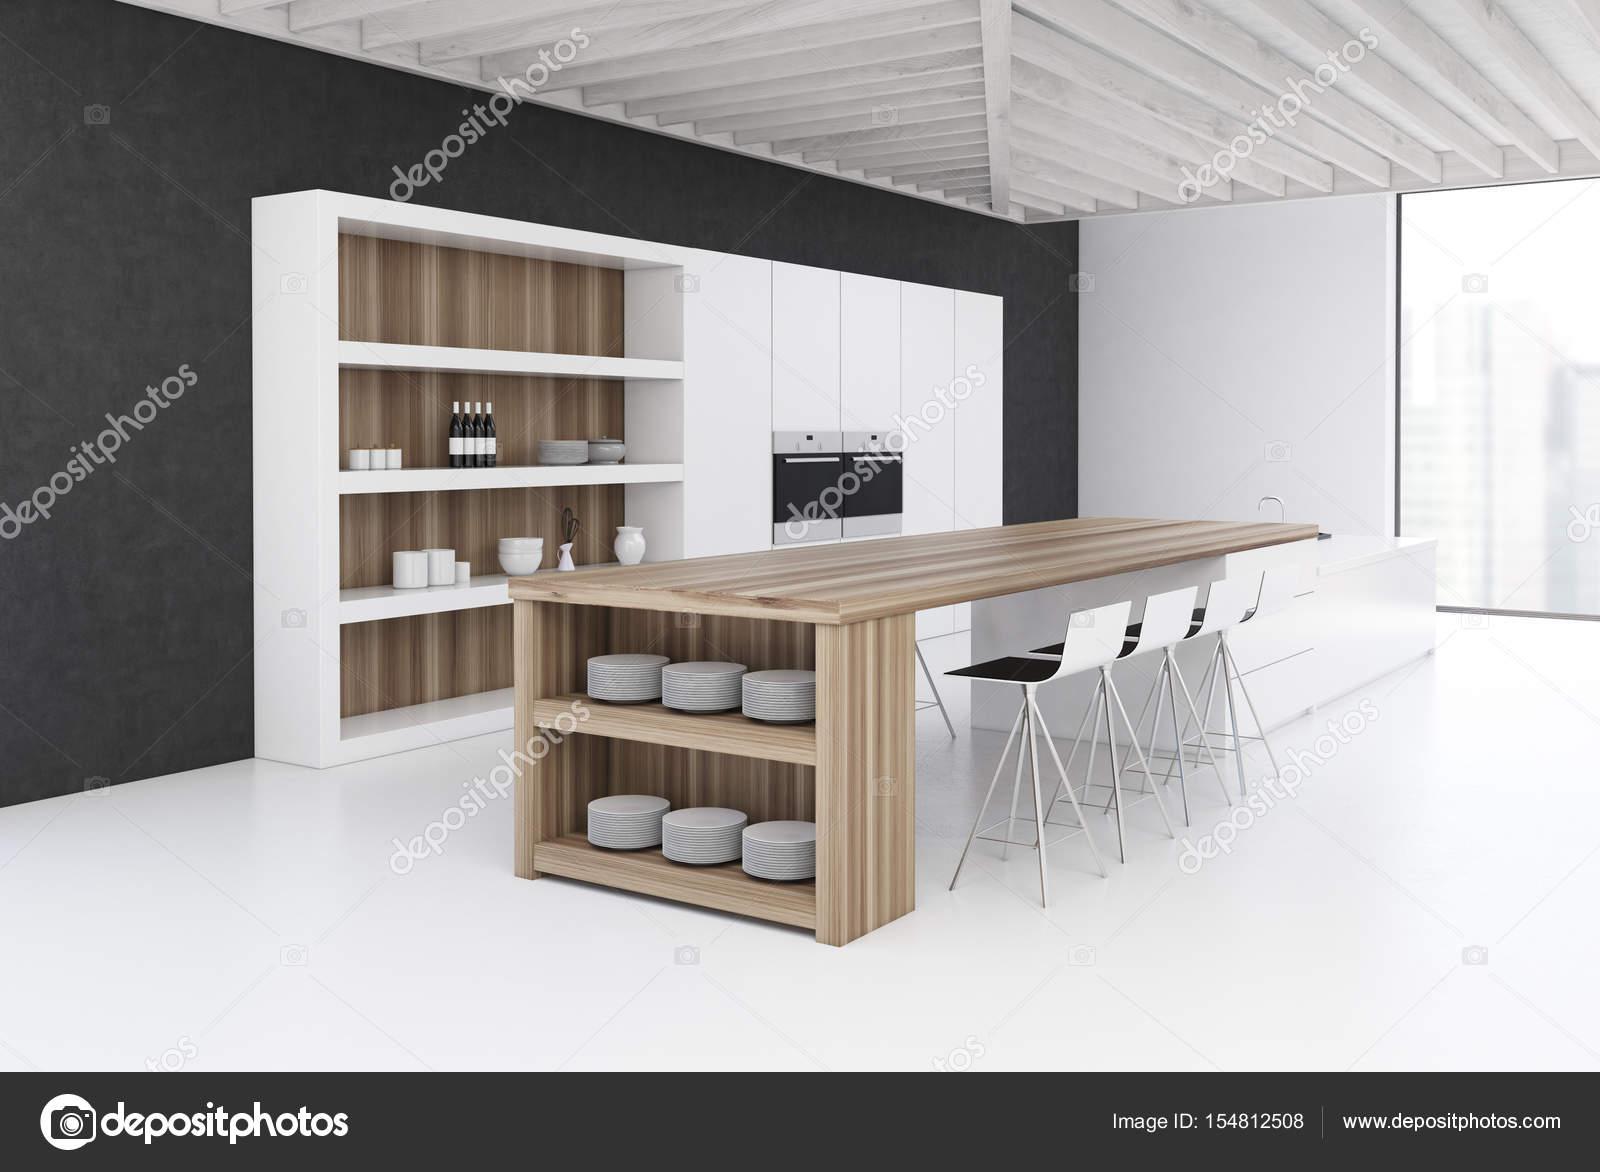 Cucina parete nera con una barra lato u foto stock